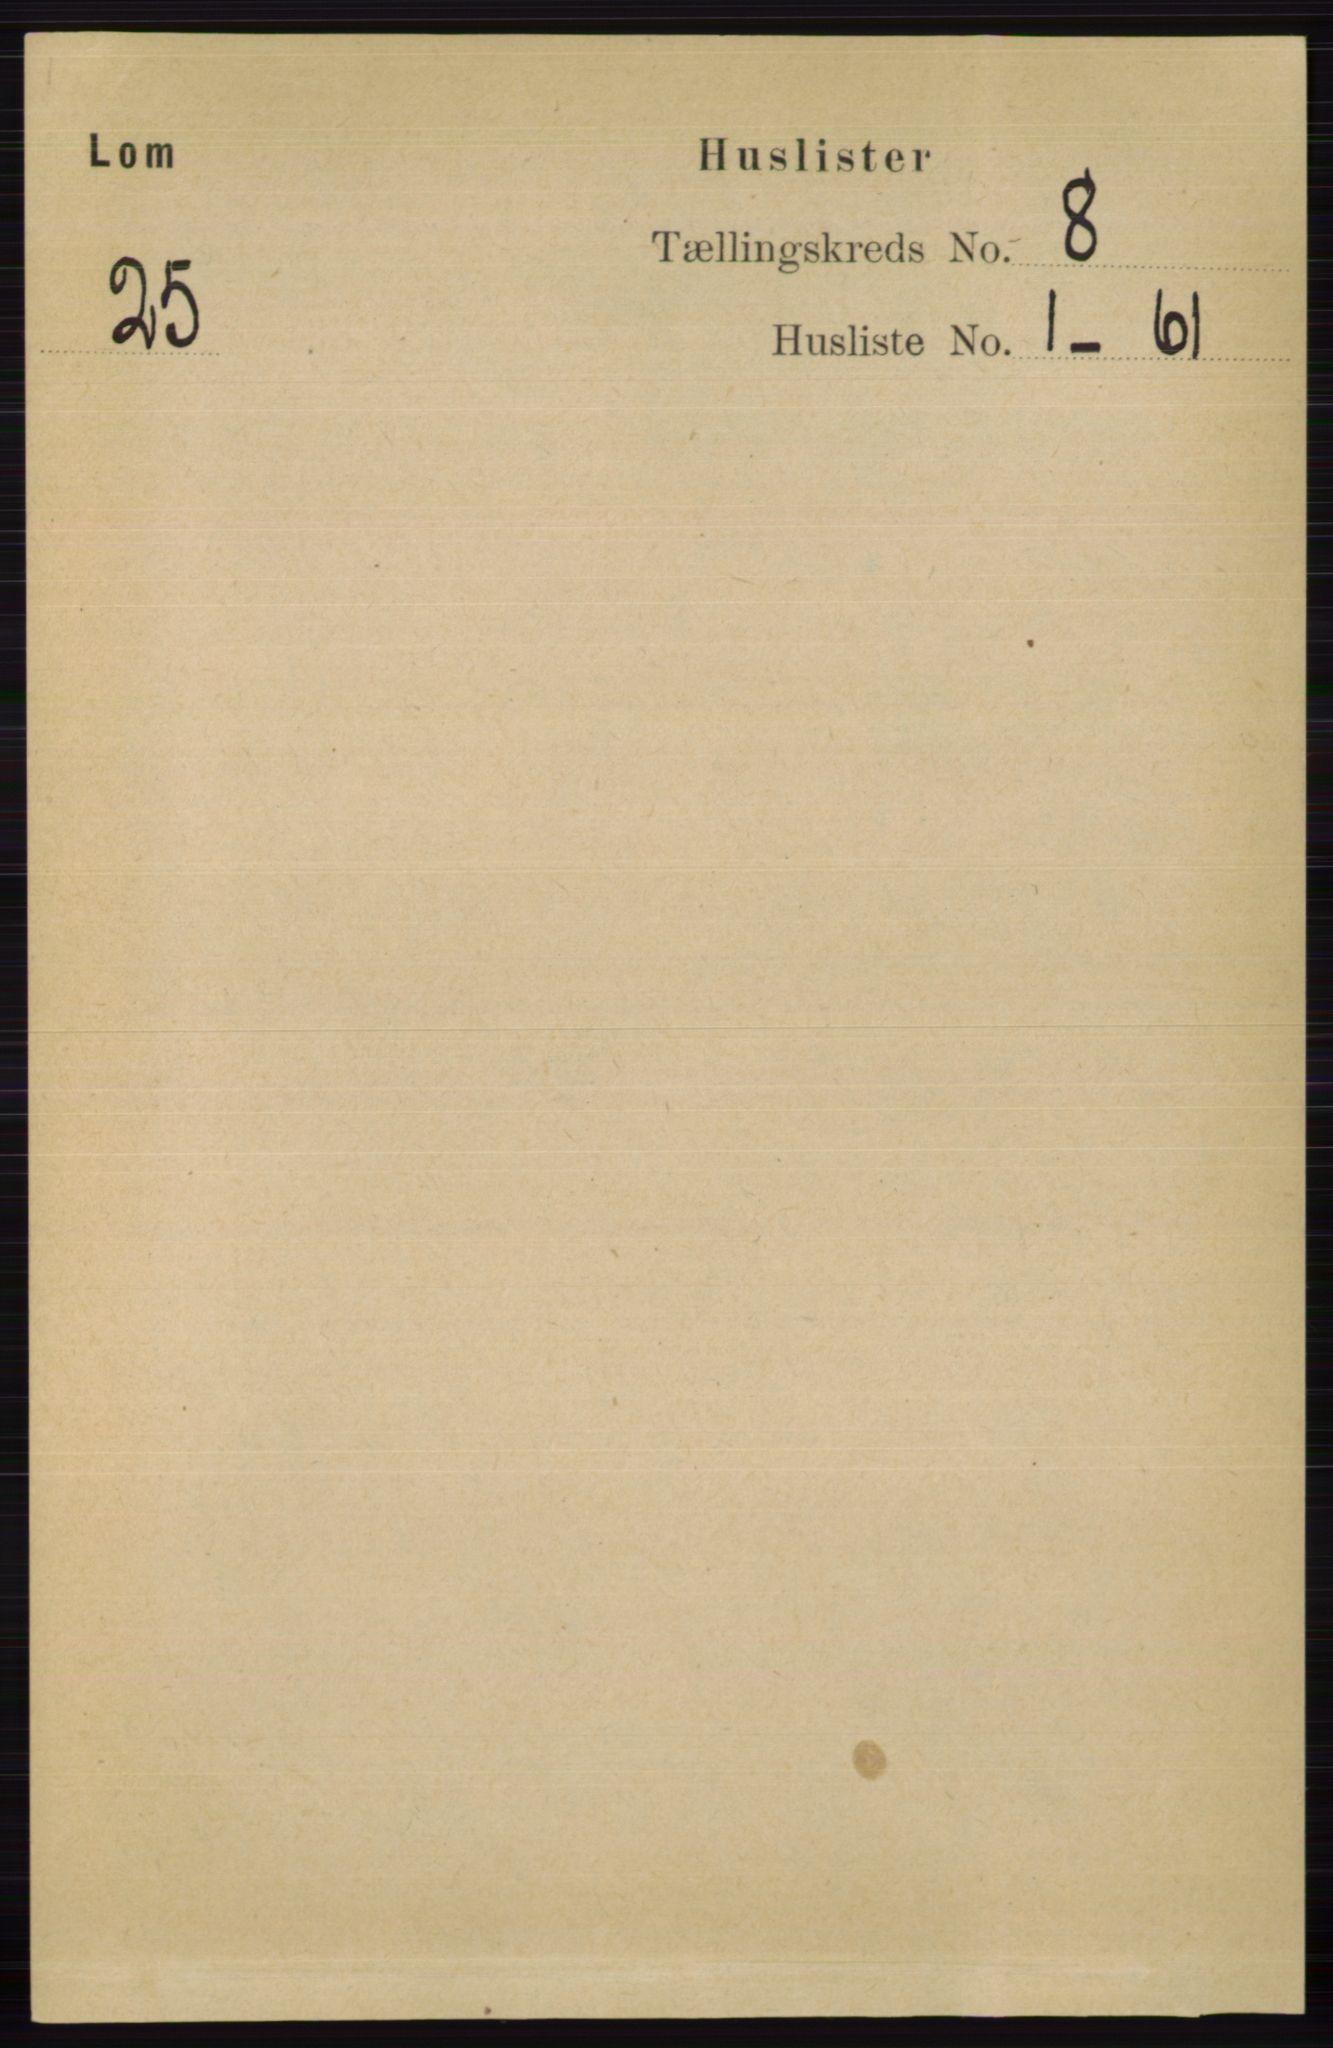 RA, Folketelling 1891 for 0514 Lom herred, 1891, s. 3042